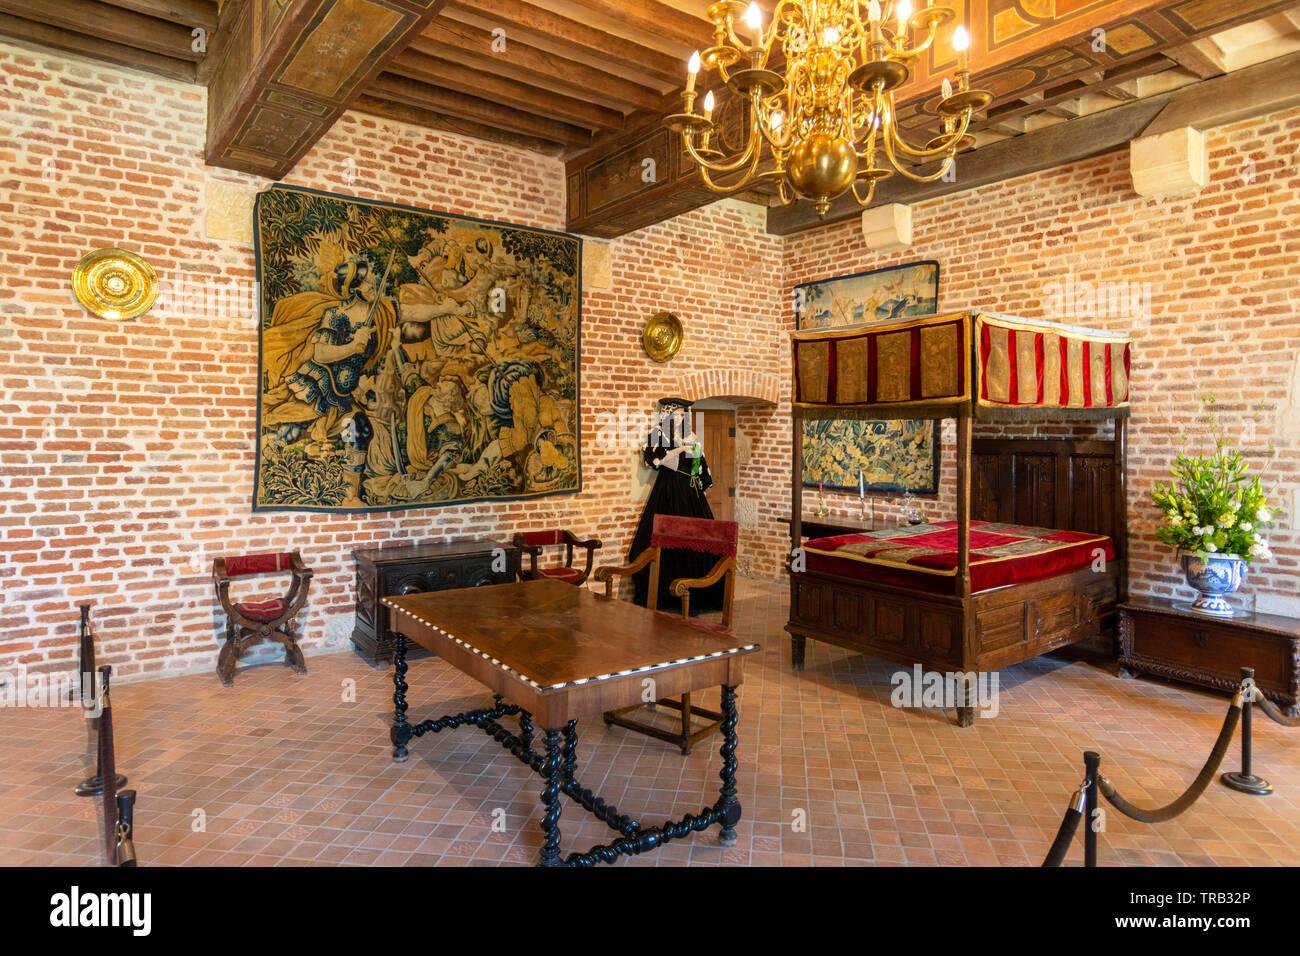 Bedroom of Marguerite de Navarre, Clos Luce, Amboise, Indre-et-Loire Departement, Centre-Val de Loire, France, Europe Stock Photo